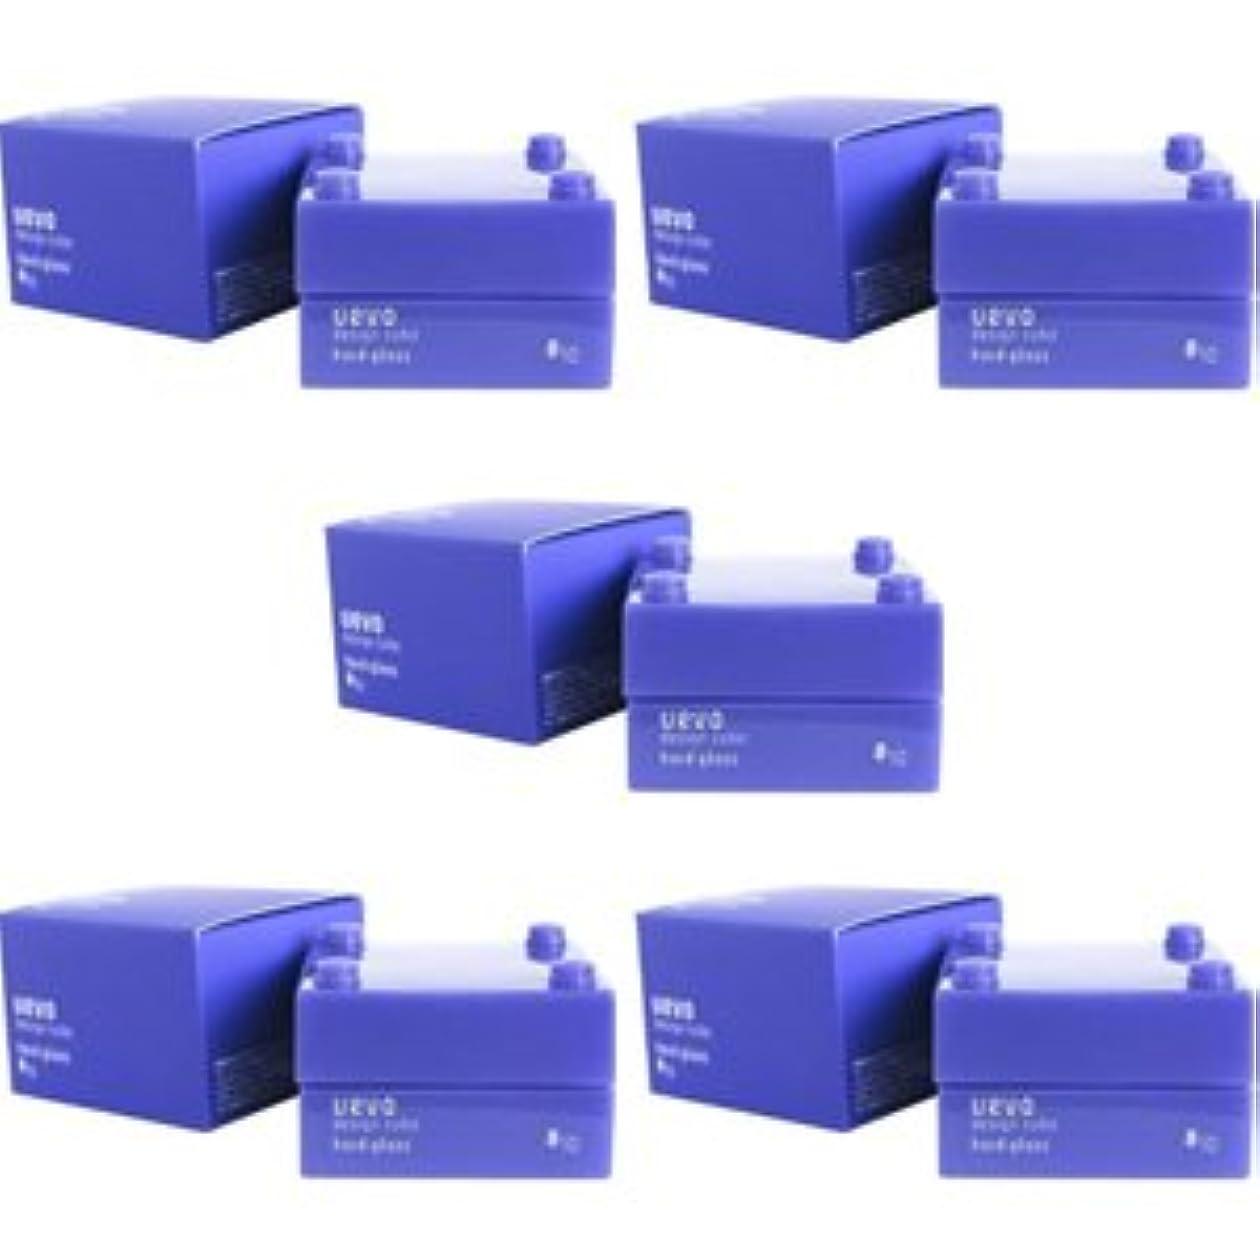 メッセージチェリー冷える【X5個セット】 デミ ウェーボ デザインキューブ ハードグロス 30g hard gloss DEMI uevo design cube